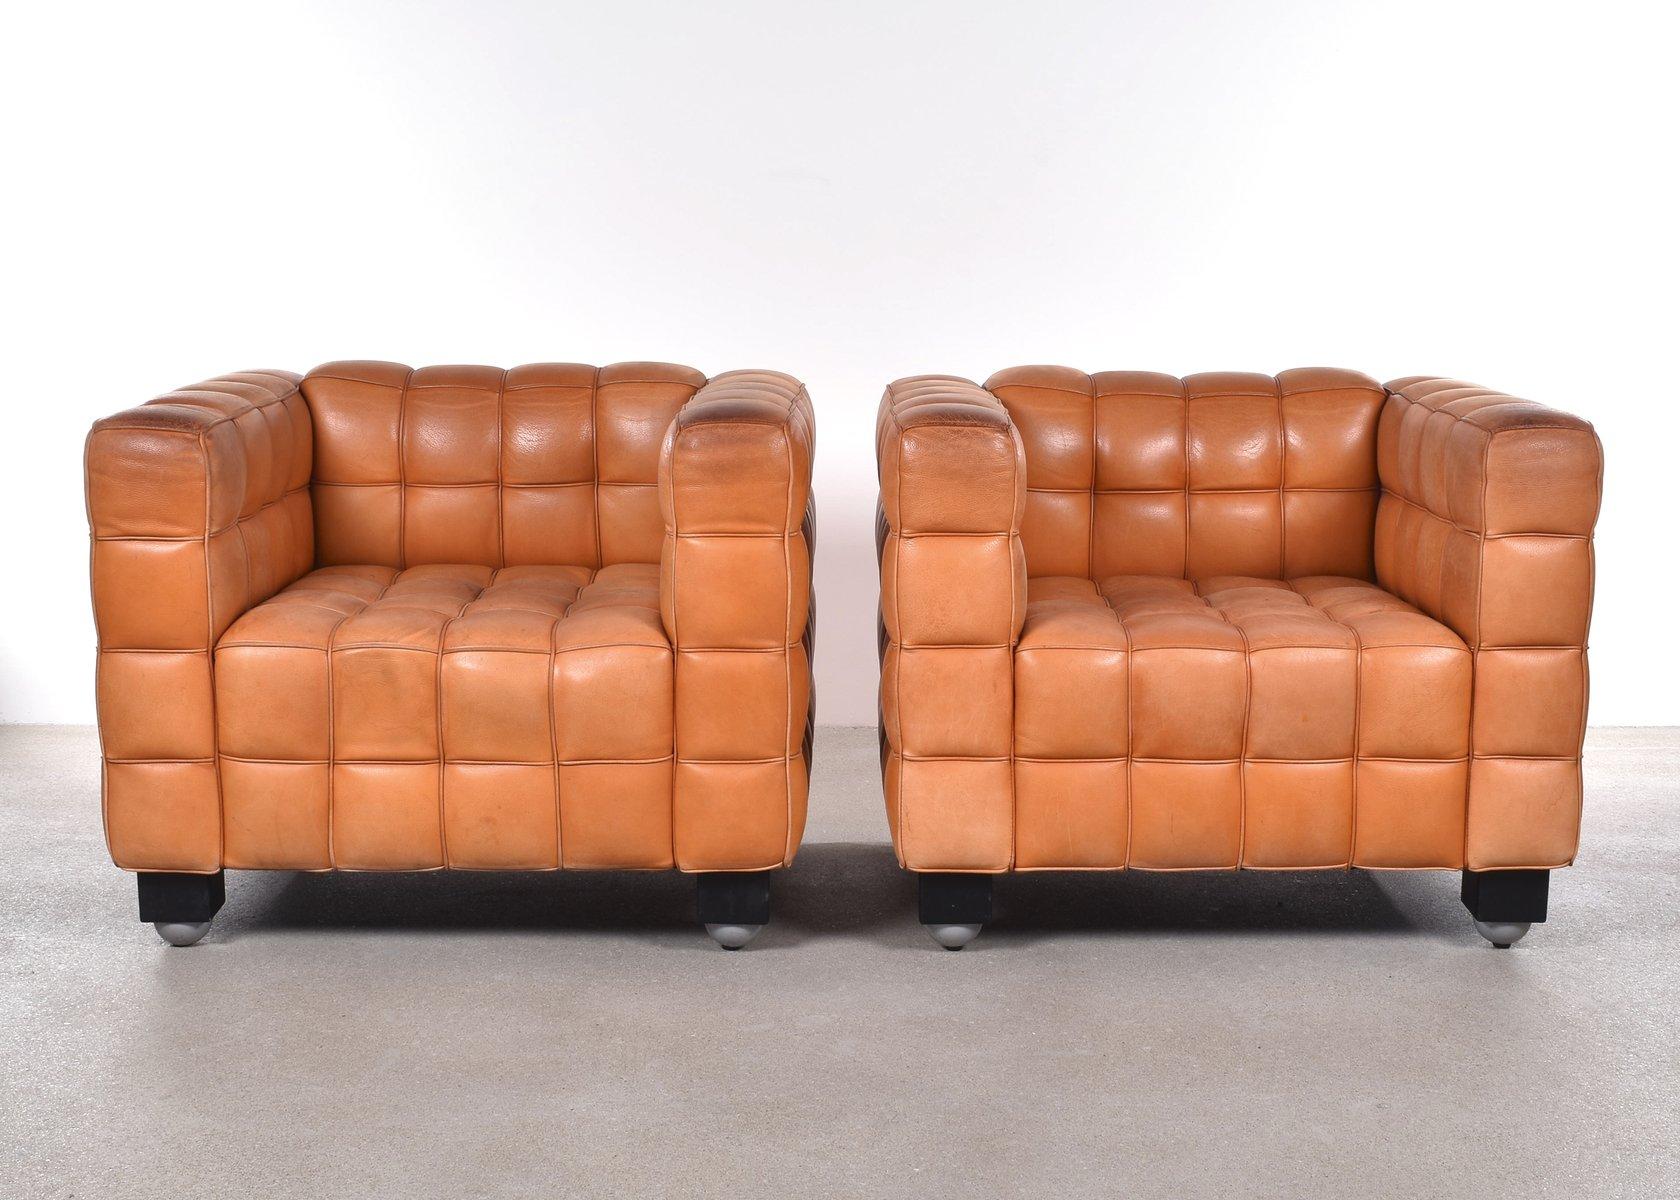 kubus sessel von josef hoffmann f r wittmann bei pamono kaufen. Black Bedroom Furniture Sets. Home Design Ideas